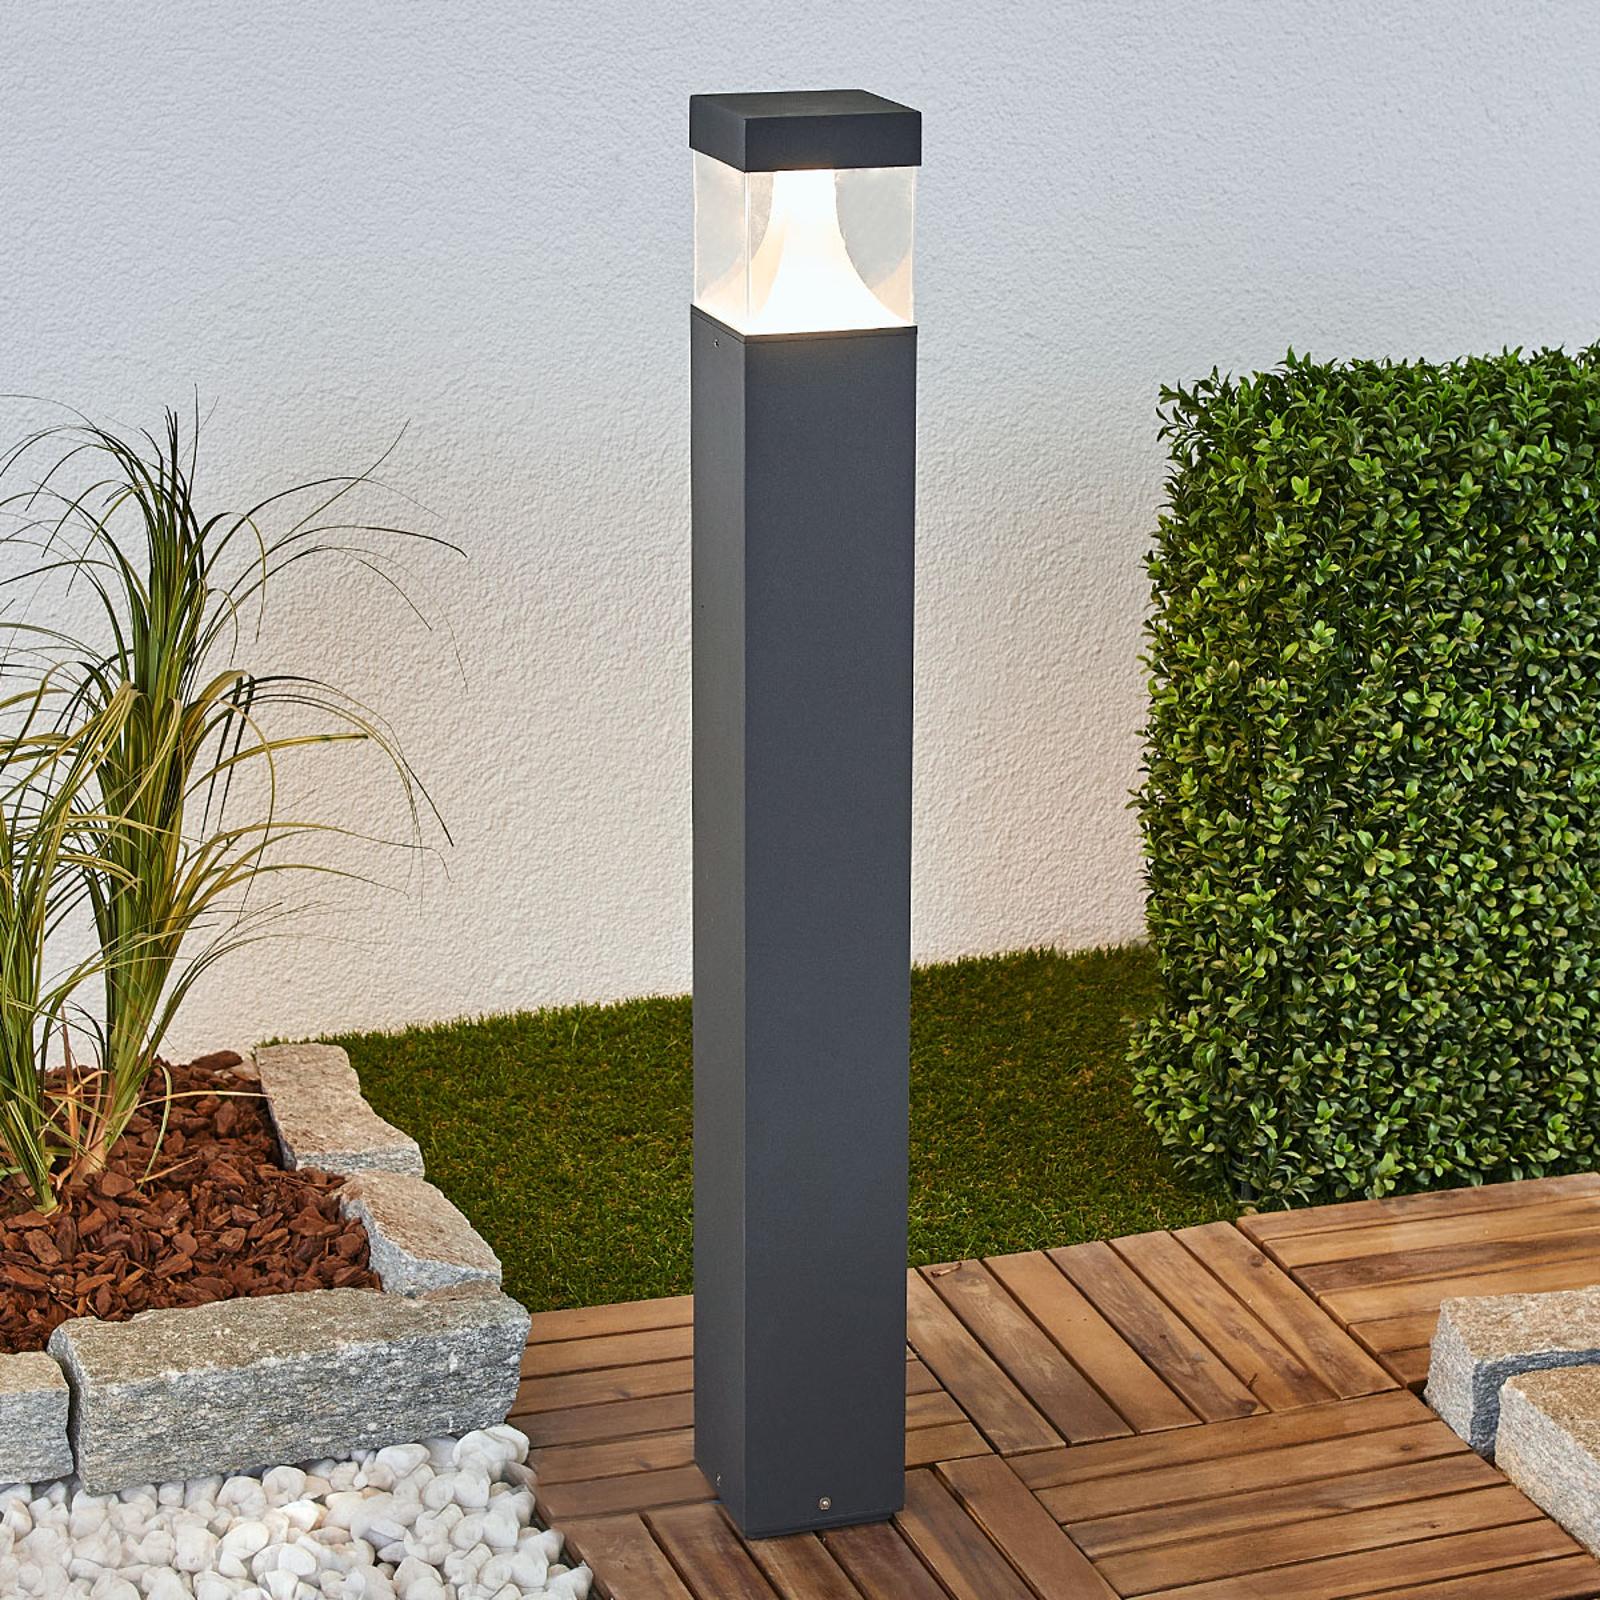 Lampione a LED Egon di forma quadrangolare